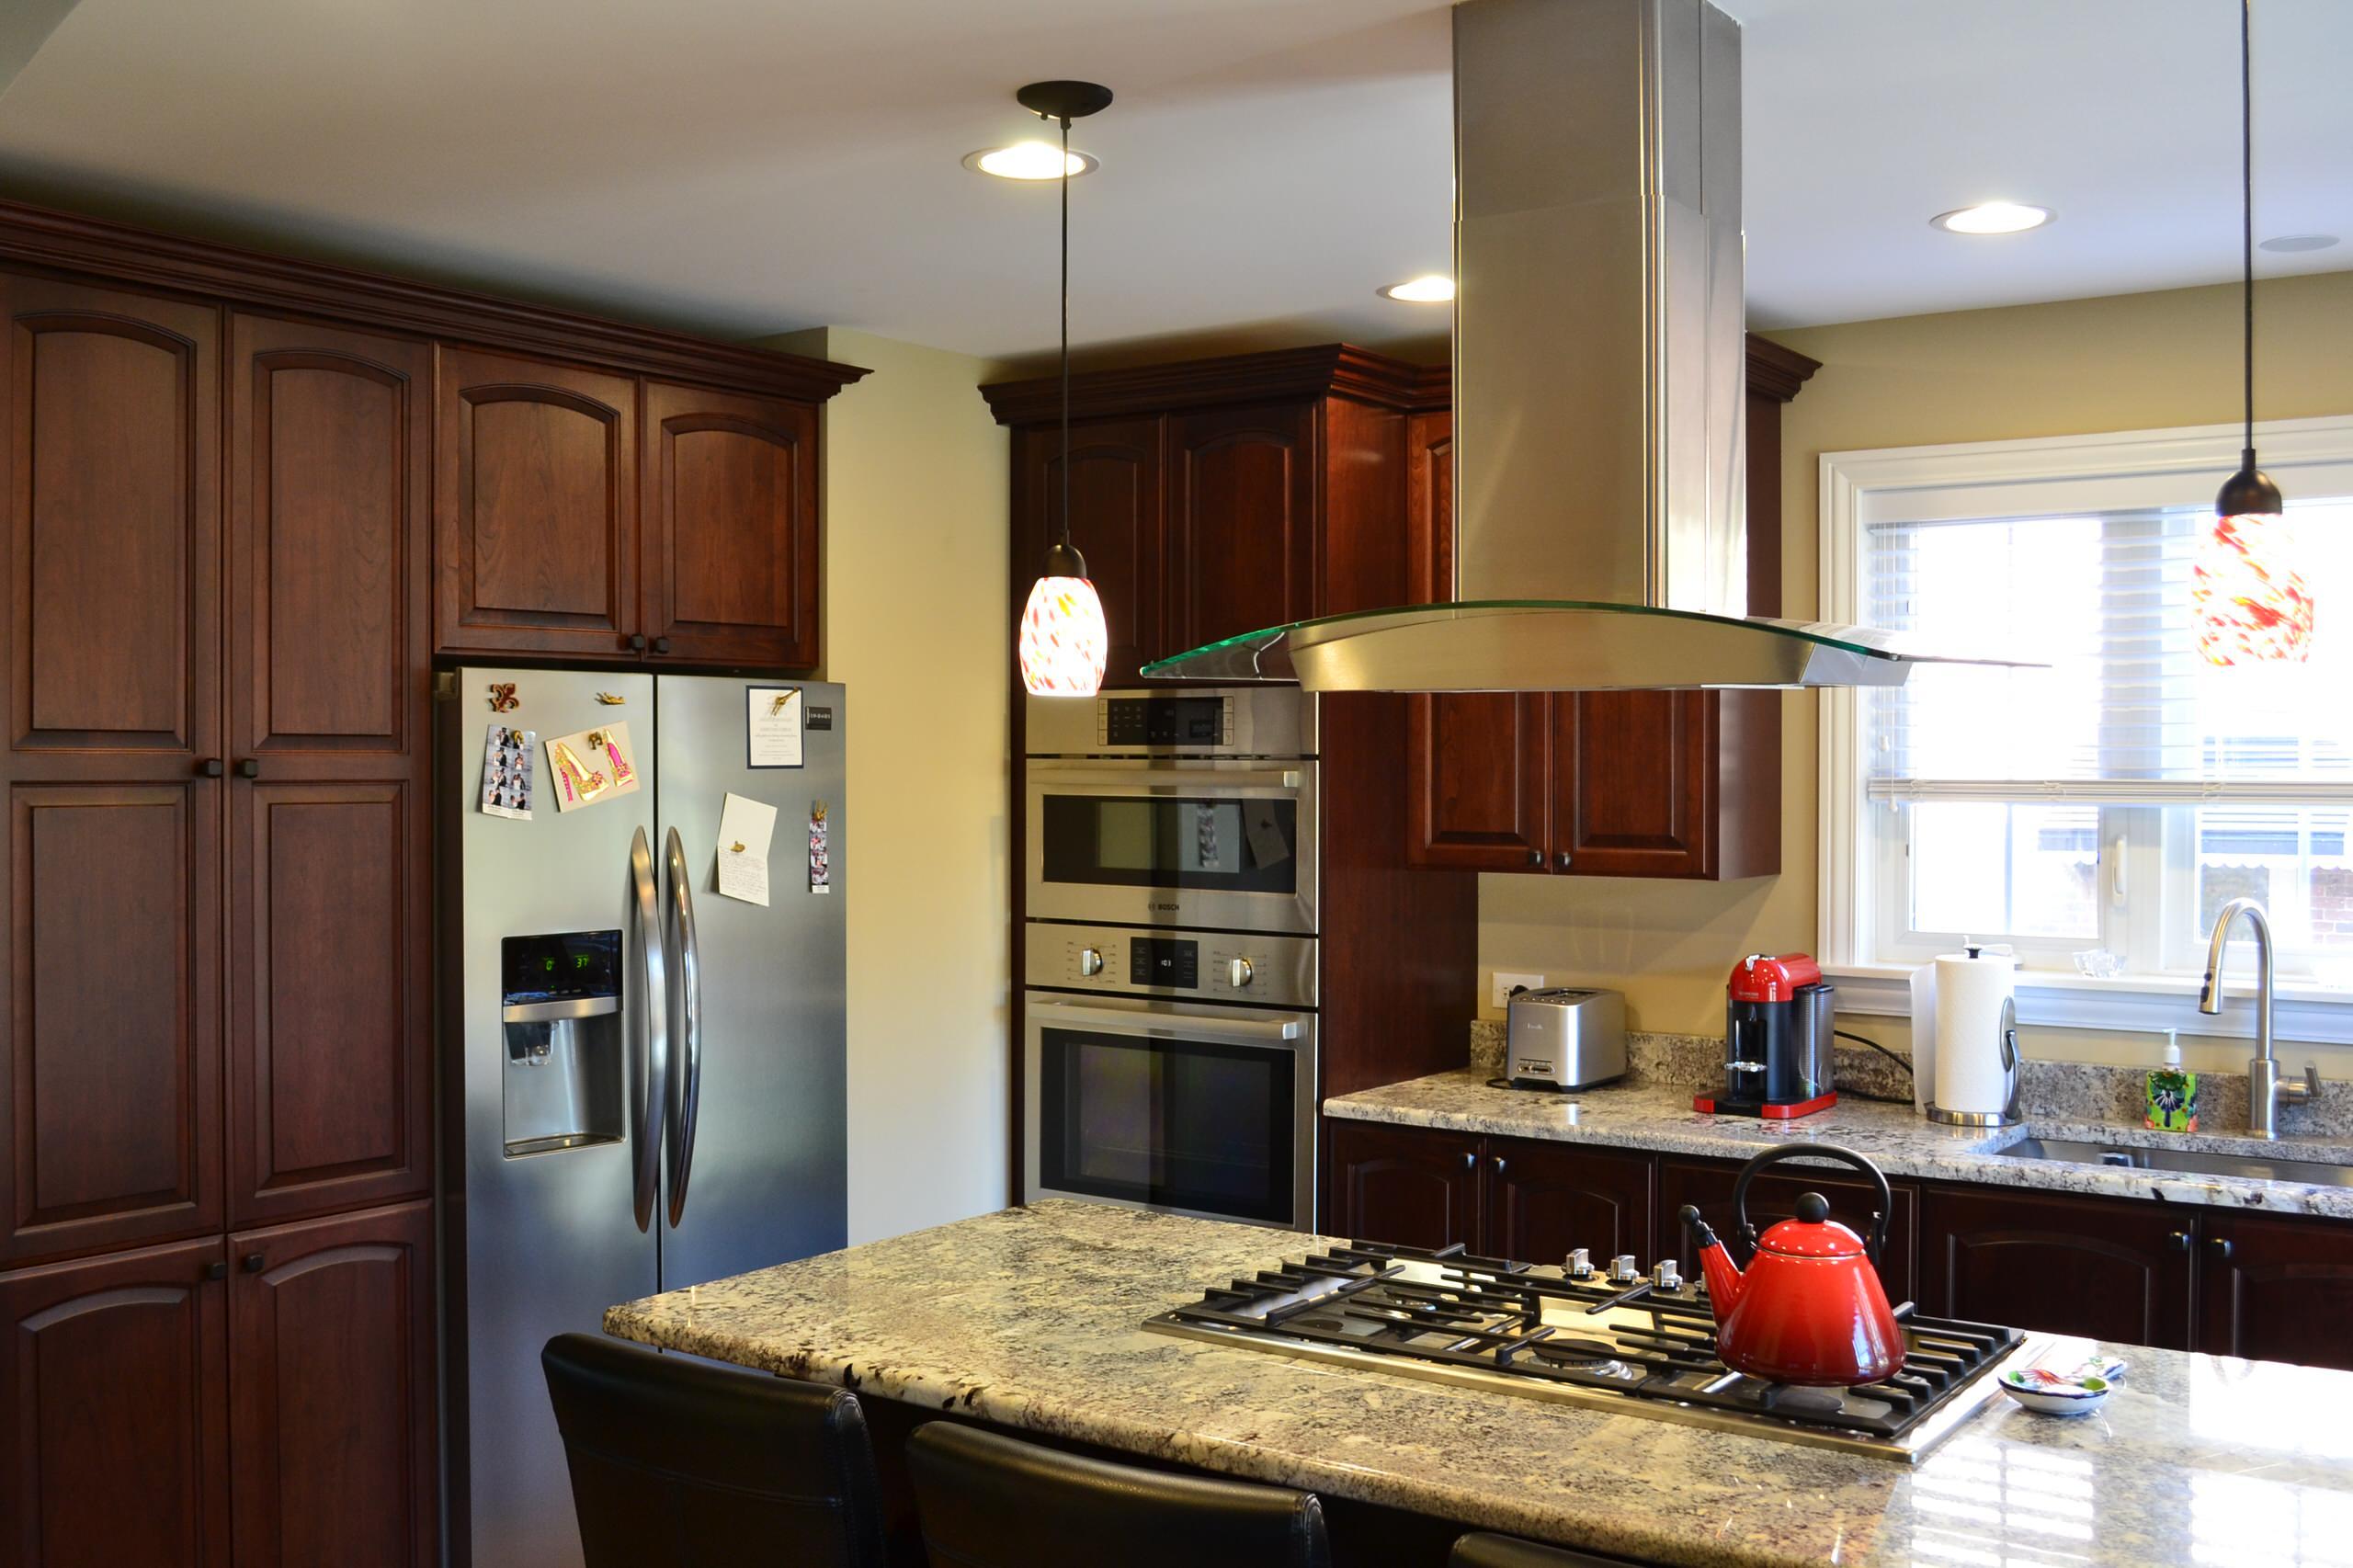 Skokie - Kitchen and Master suite addition